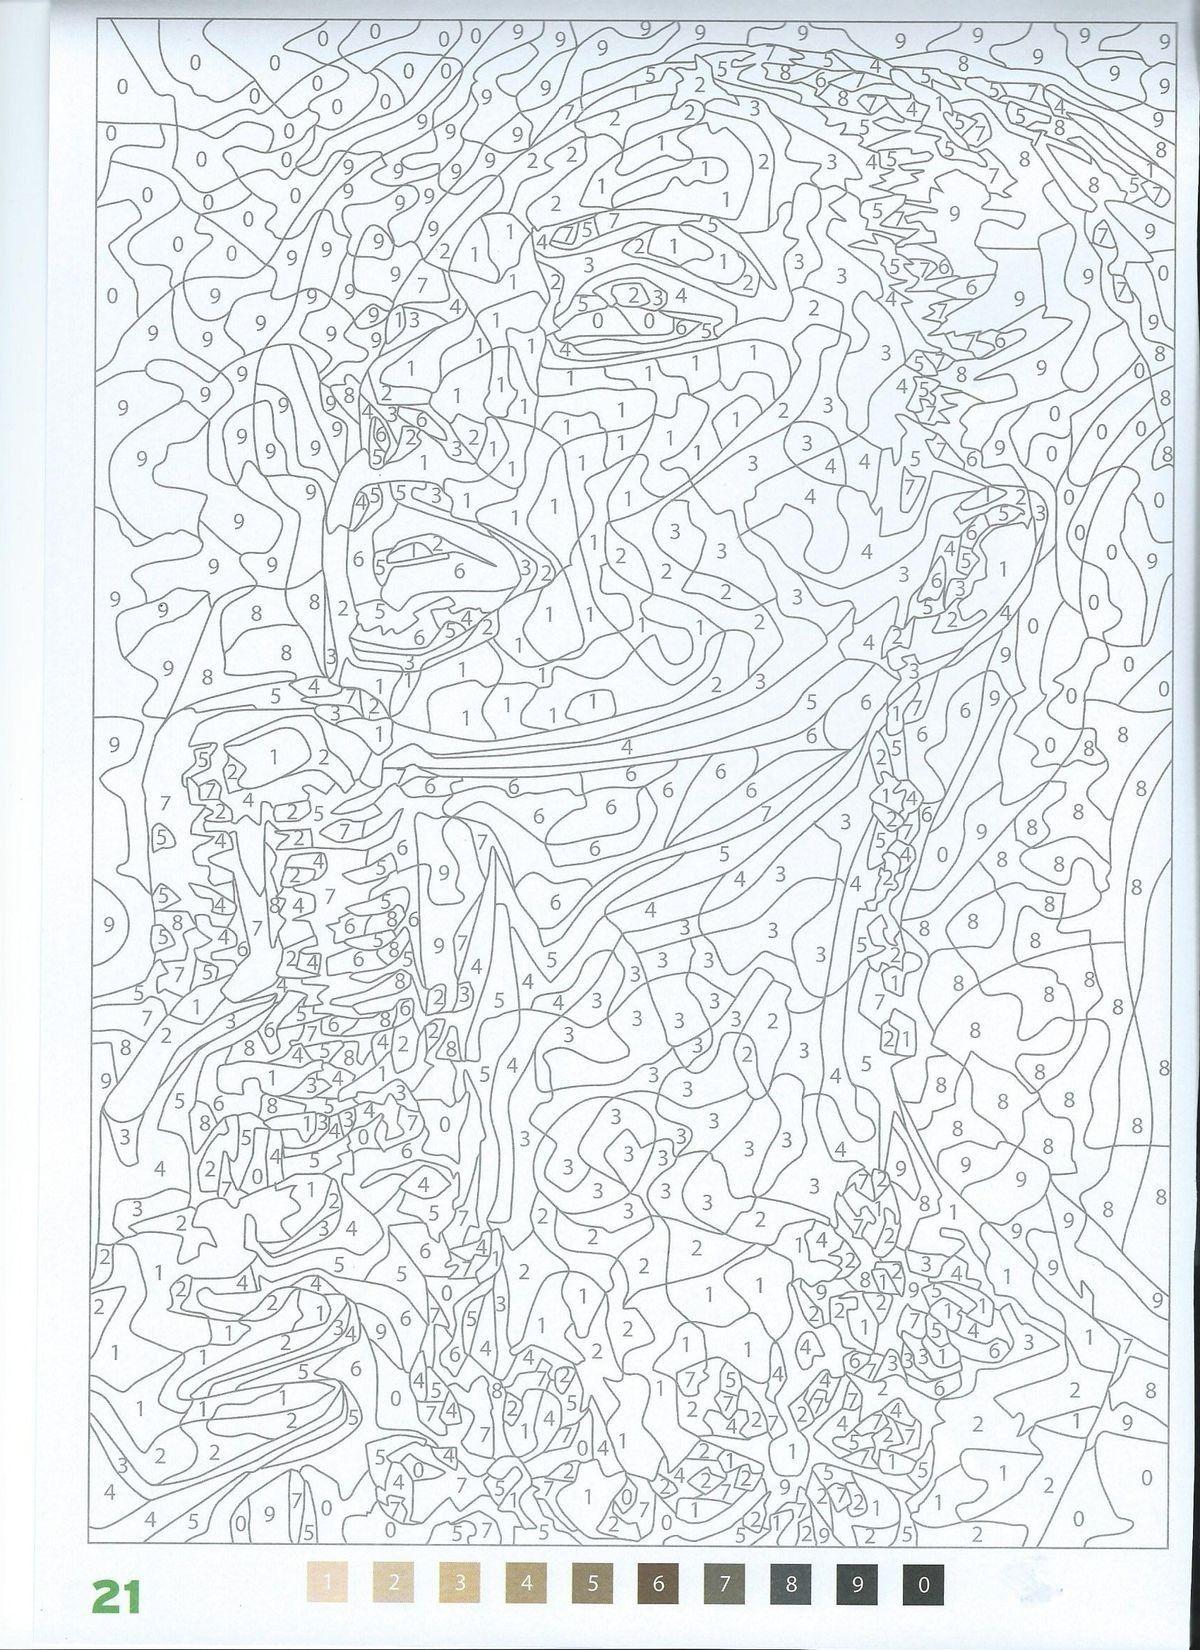 Épinglé par Lucie Thomas sur psychomot  Coloriage numéroté